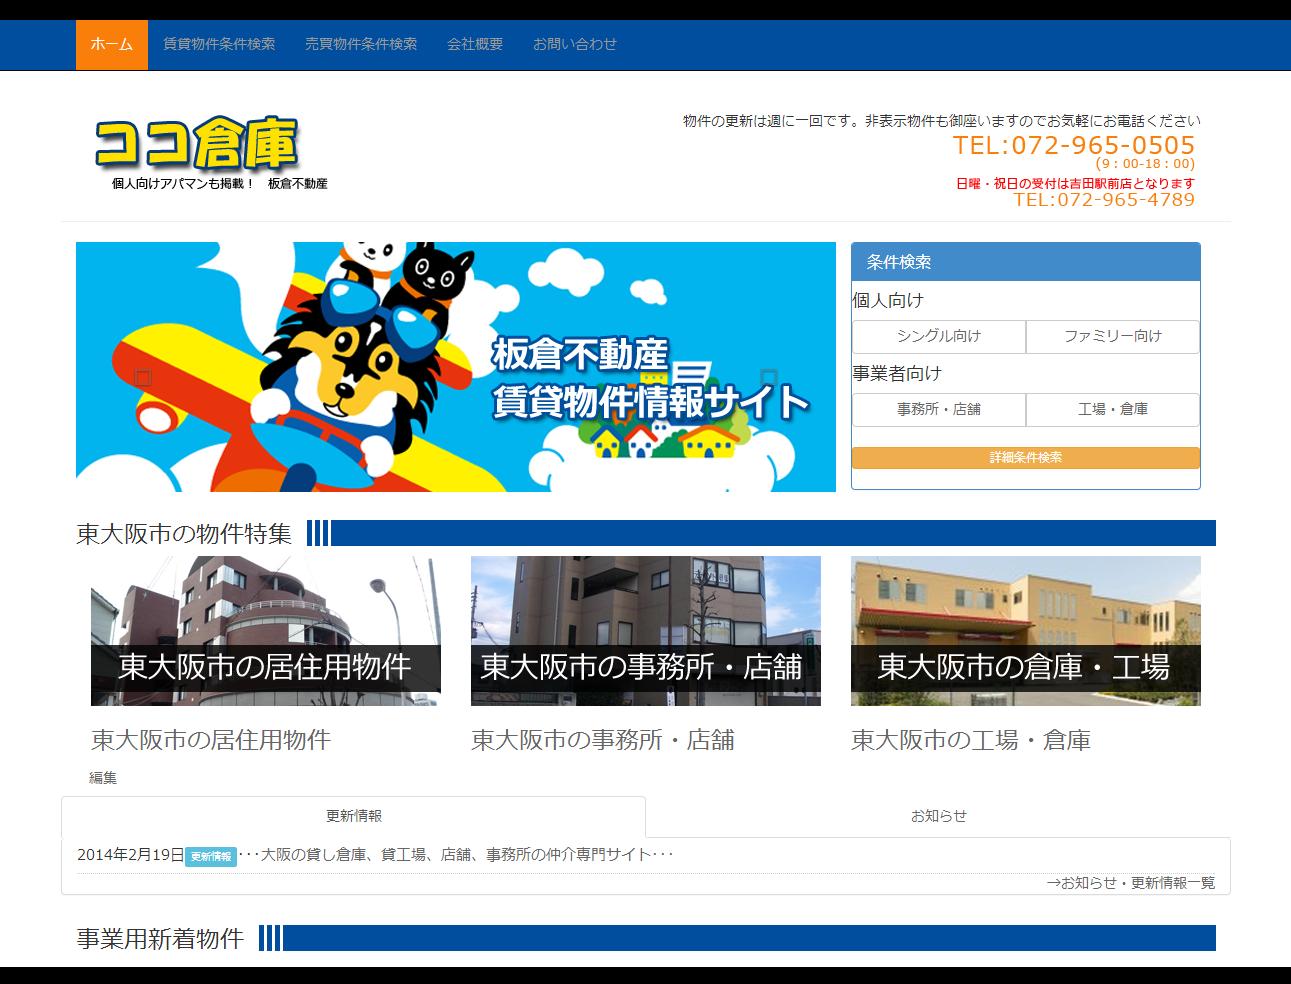 大阪の貸し倉庫・貸し工場・店舗・事務所は板倉不動産のココ倉庫